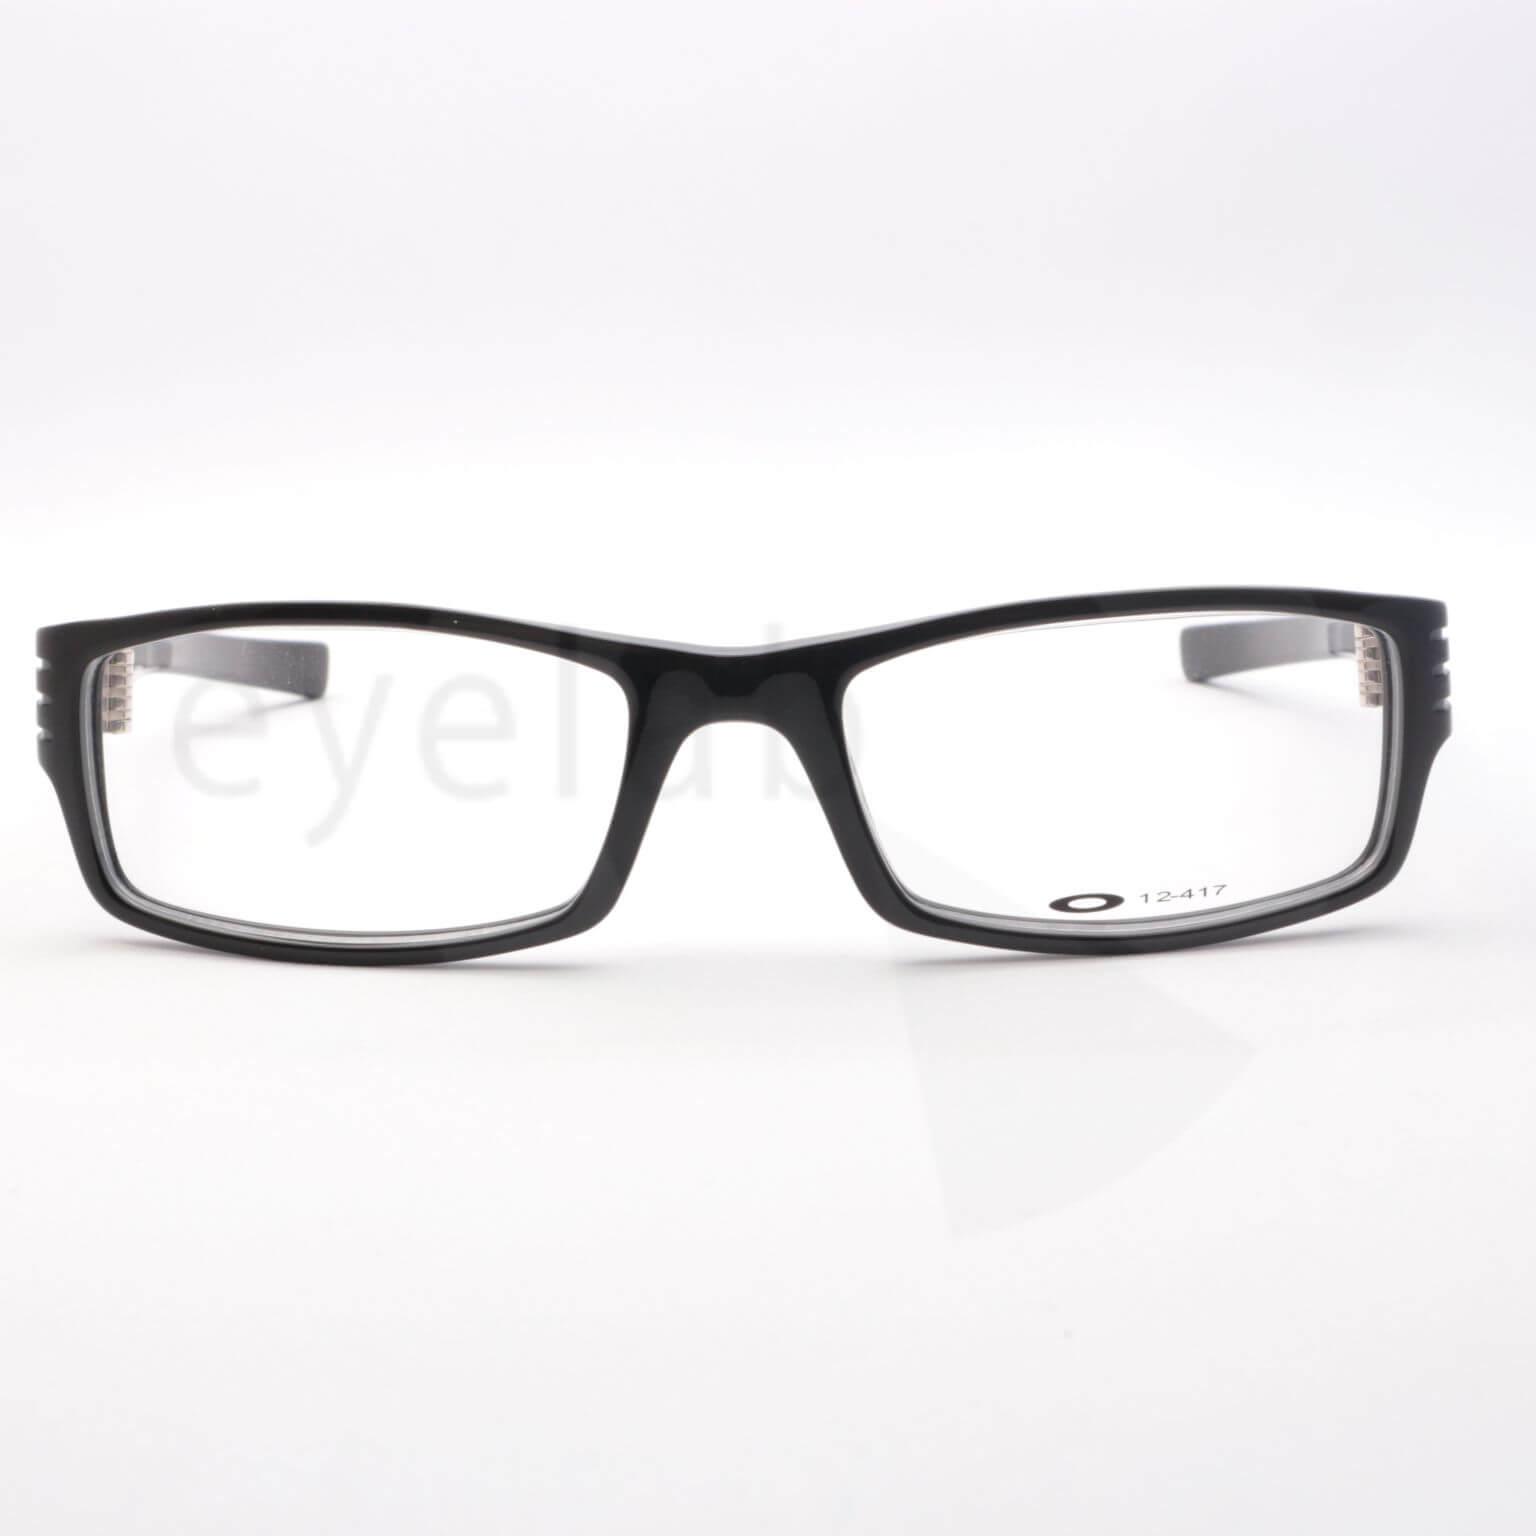 Γυαλιά οράσεως Oakley Shifter 4.0 1023 12-417 ~ Eyelab 8ff1808e1b8